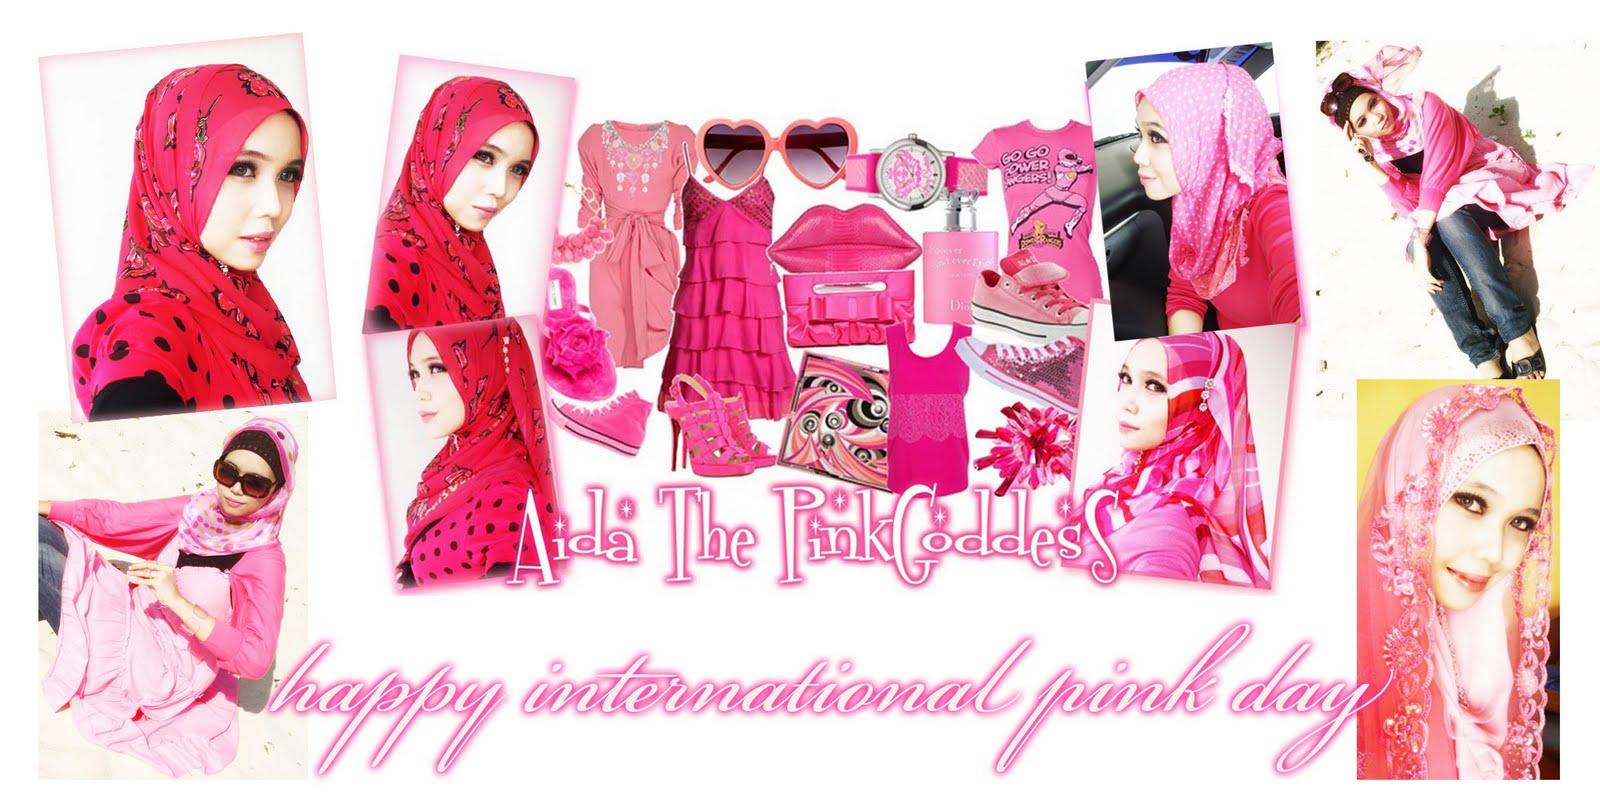 http://4.bp.blogspot.com/_xOLjKos6g8Y/TCFoCSbPHjI/AAAAAAAAFbI/r9hrvi1b2Gw/s1600/pink-day.jpg